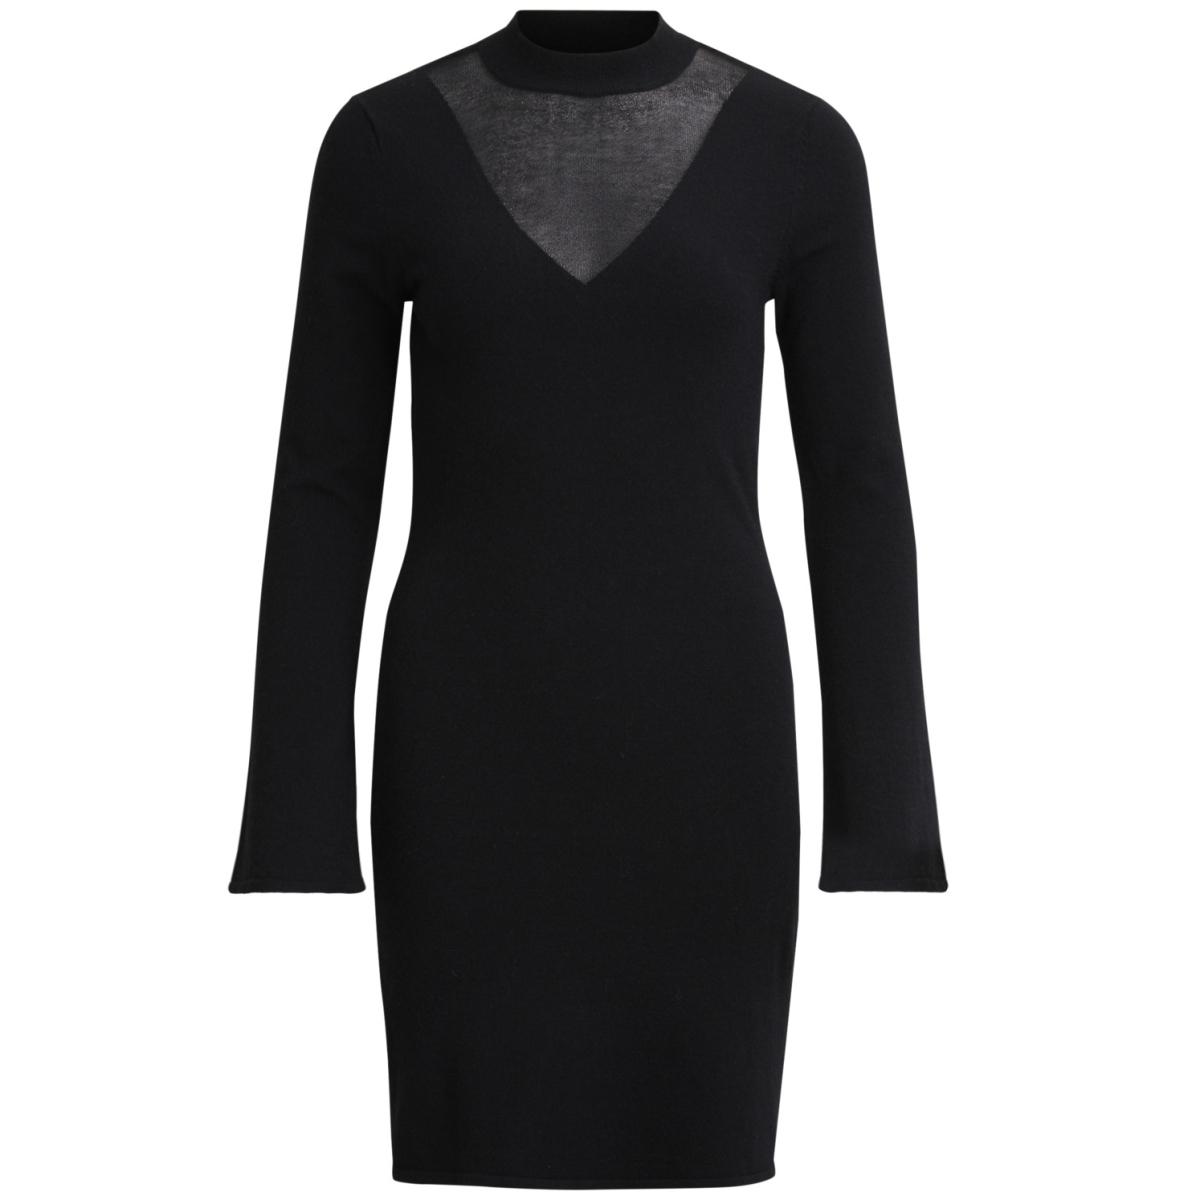 vikimma l/s knit dress 14043667 vila jurk black